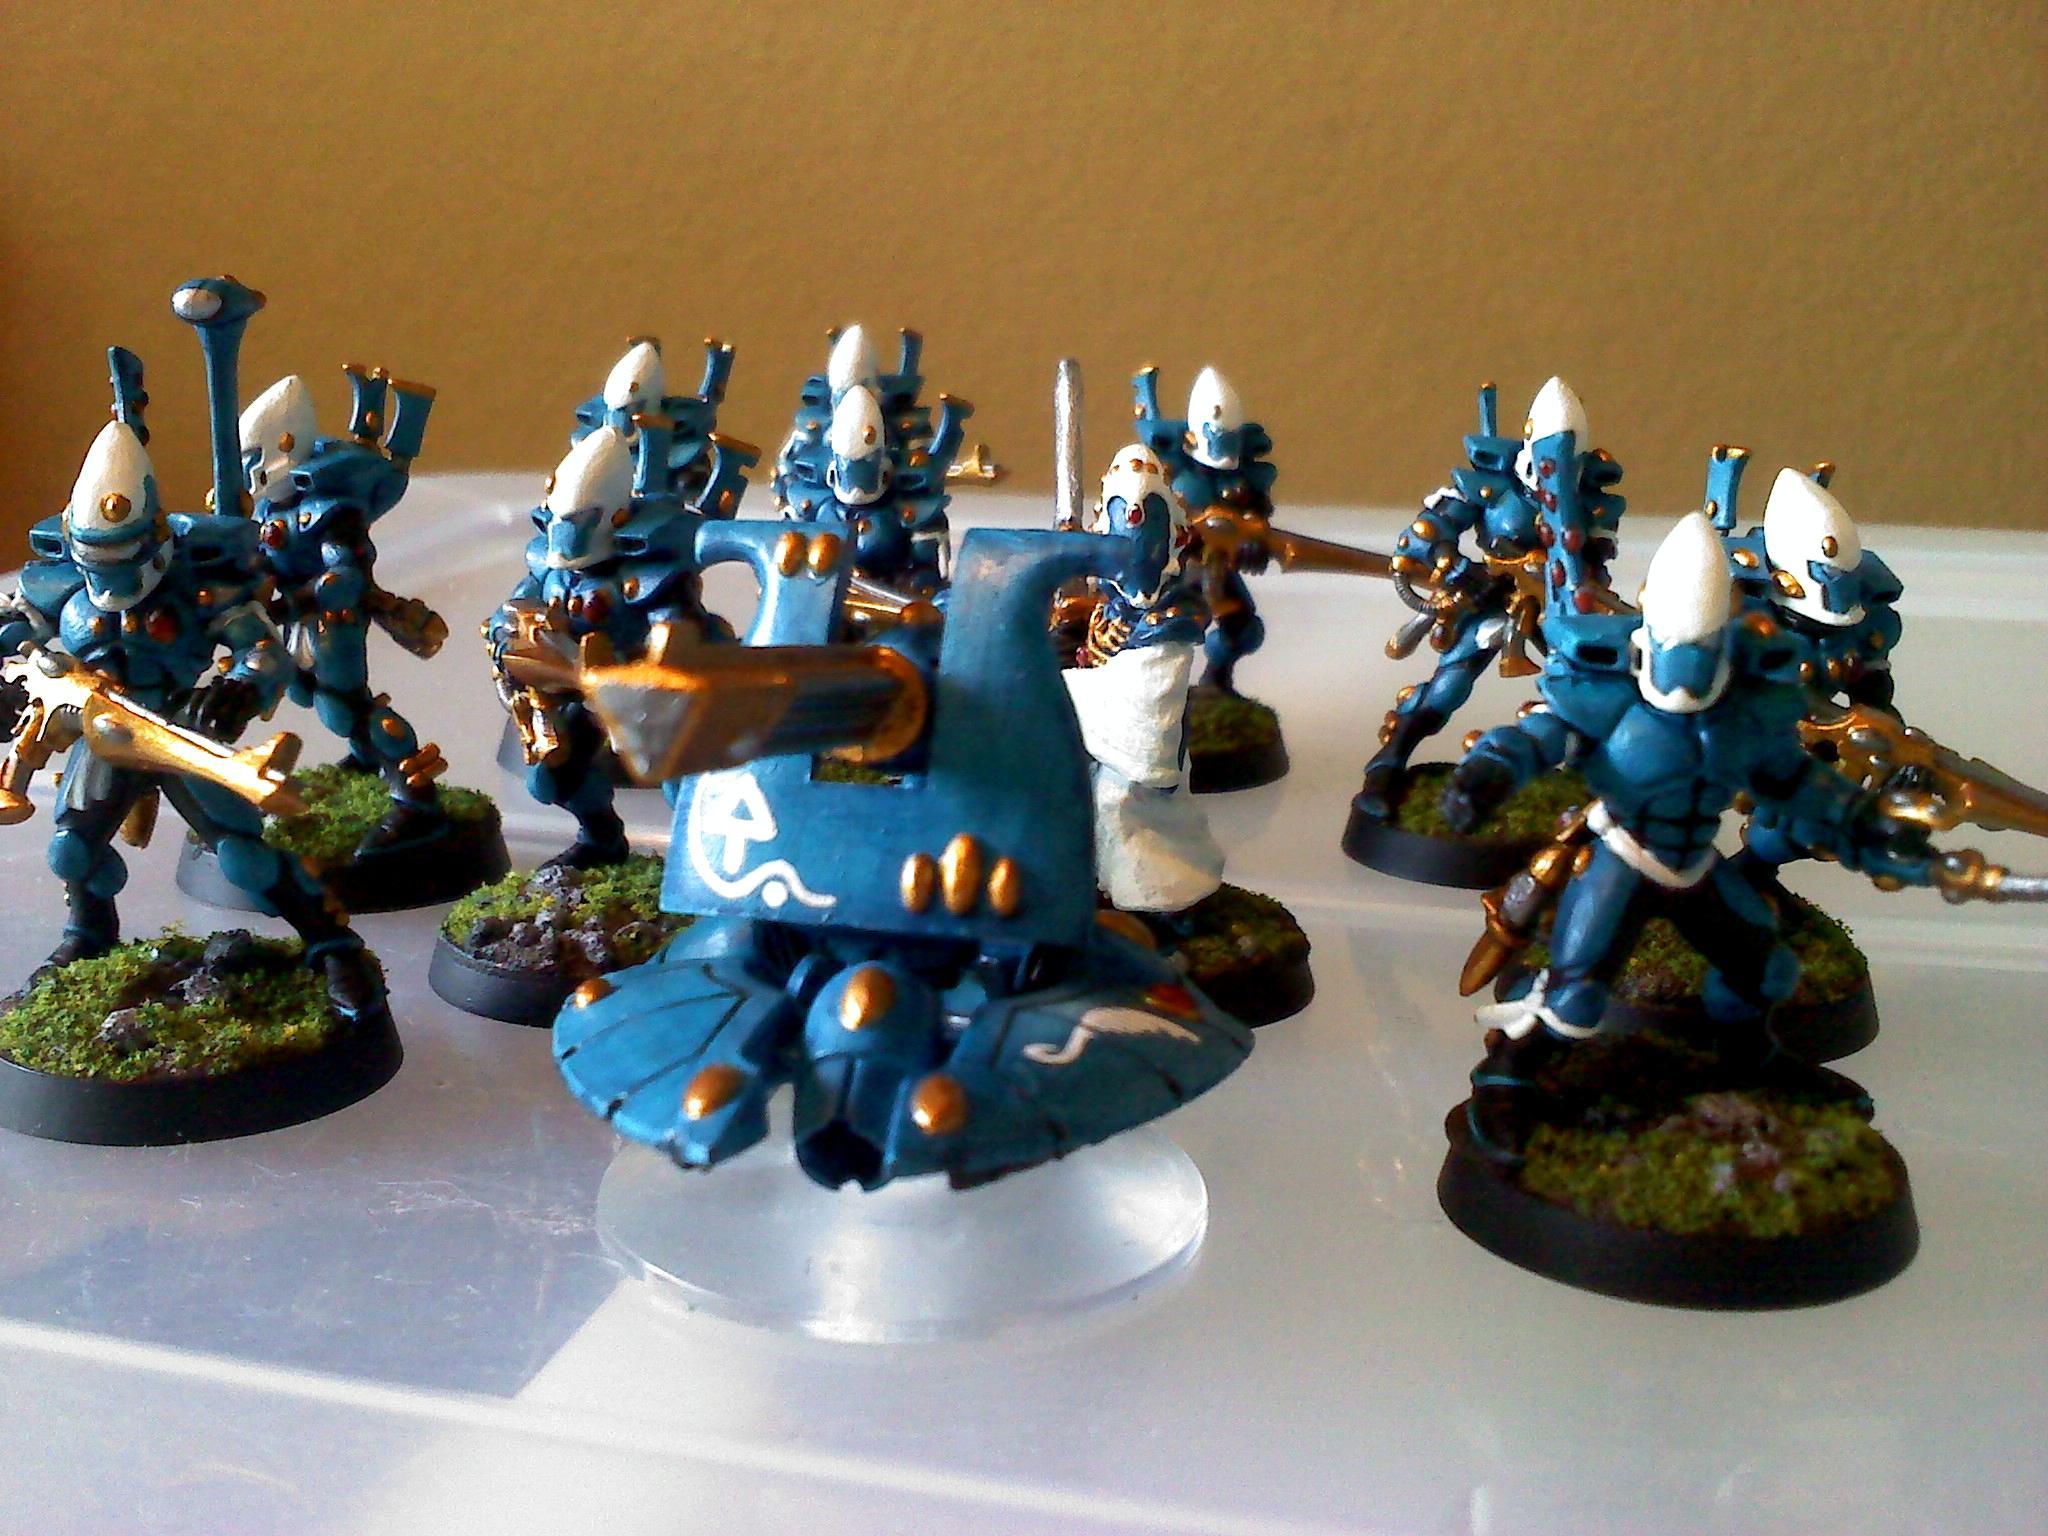 Craftworld, Eldar, Guardians, Scatter Laser, Uaire-nem, Warlock